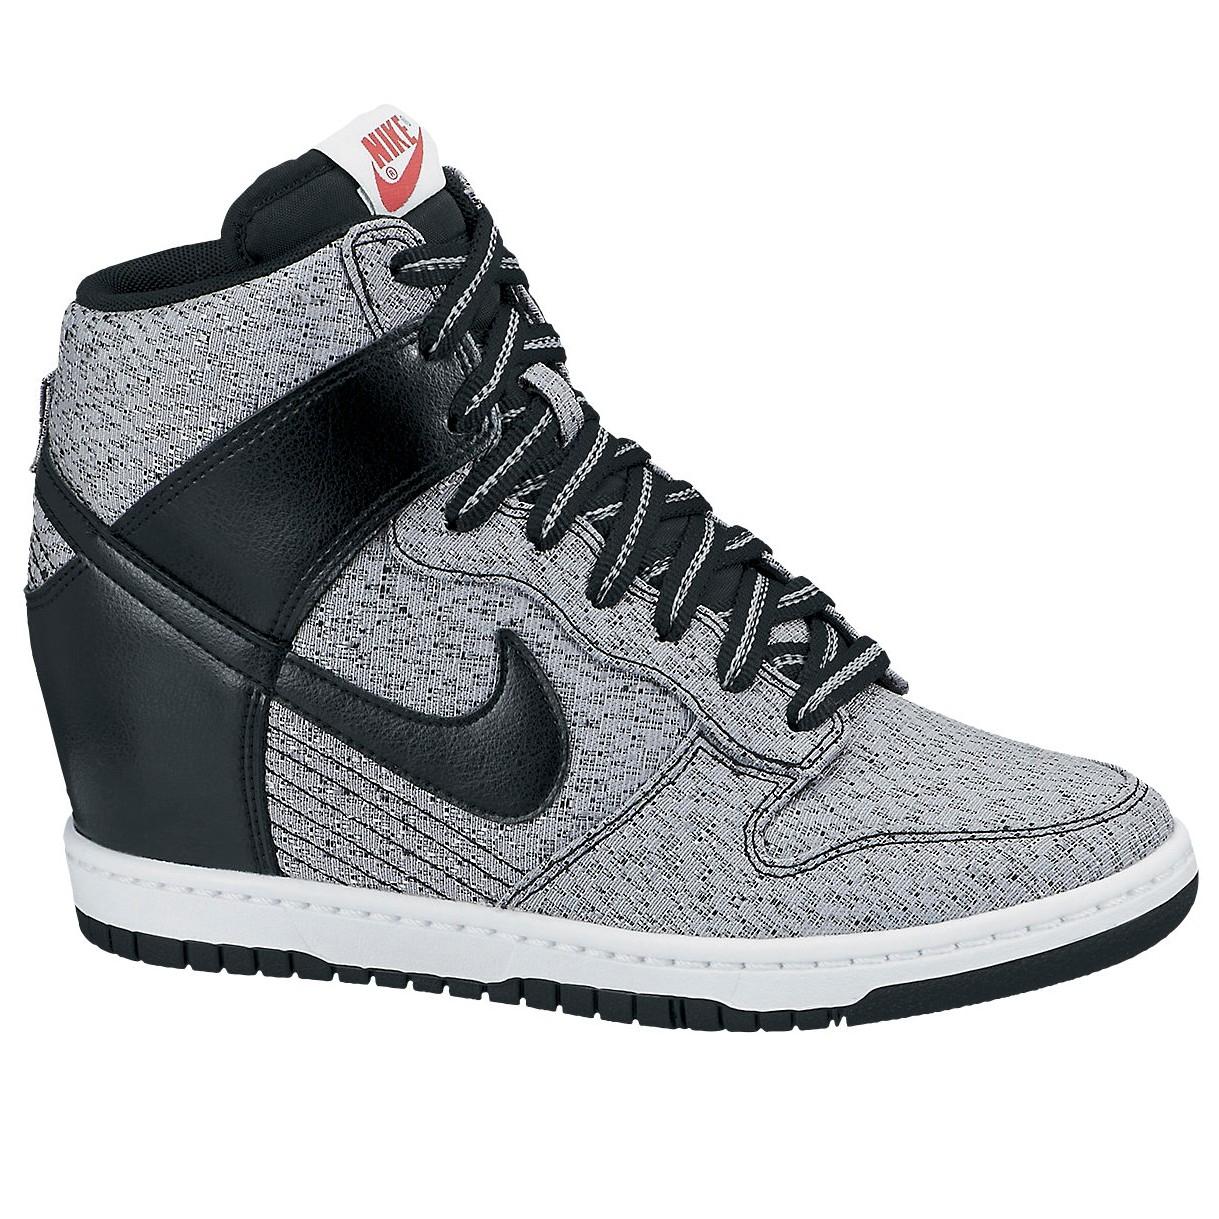 Nike Wedge Heel Sneakers - Bing images